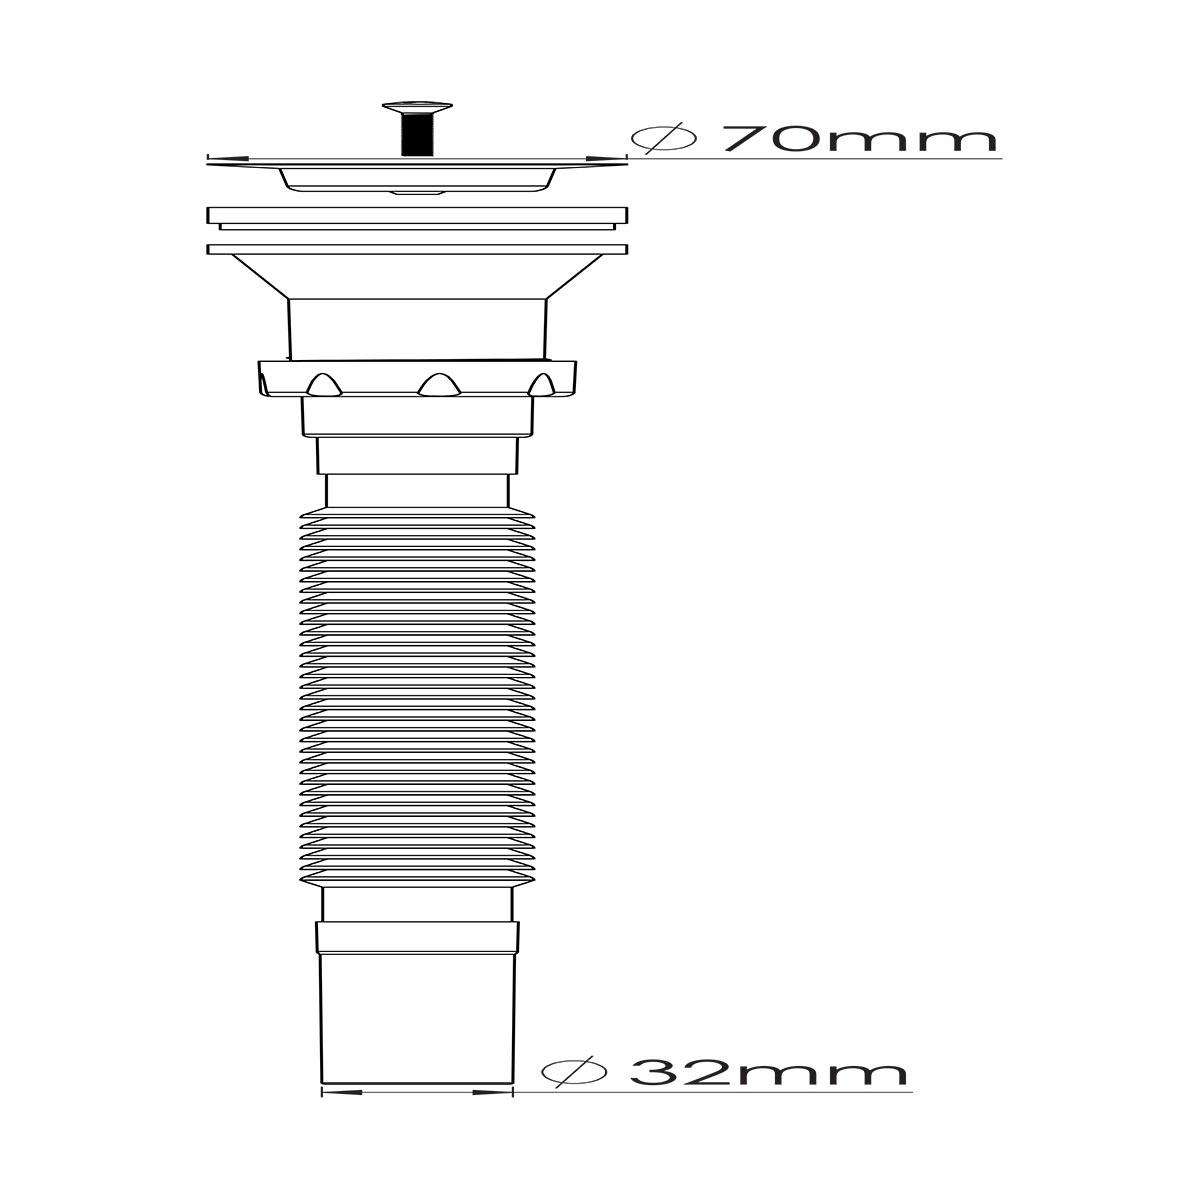 1 ½ – Ø32, 304 Kalite Paslanmaz Vida ve 70 mm Süzgeç Uzun Körüklü Sifon